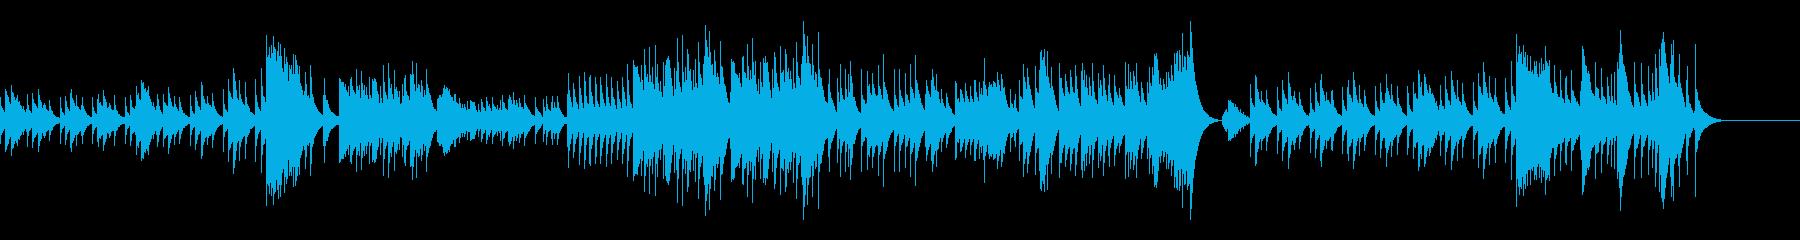 不気味なチェレスタ/ダークファンタジーの再生済みの波形